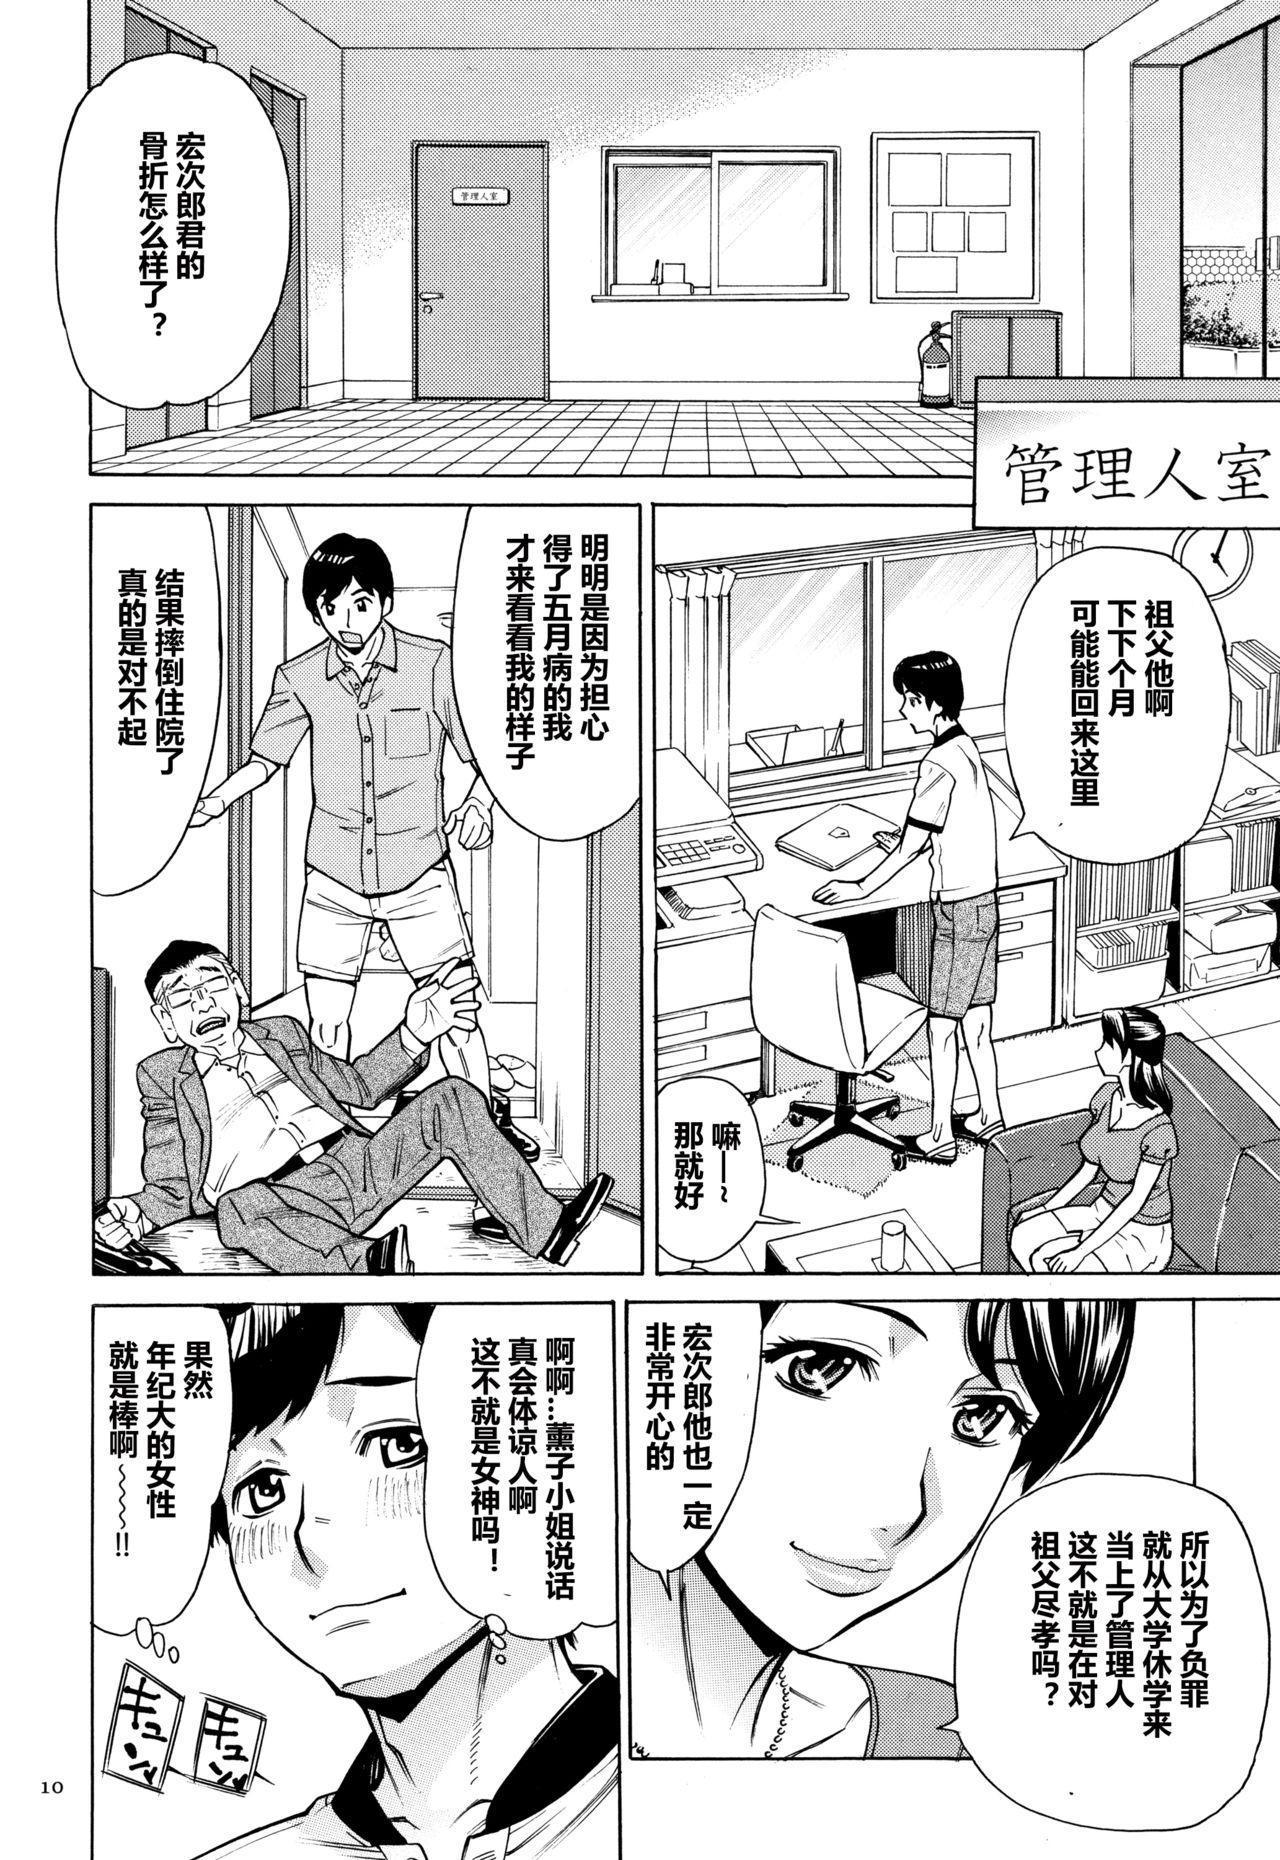 Oba-san dakedo, Daite Hoshii. 10